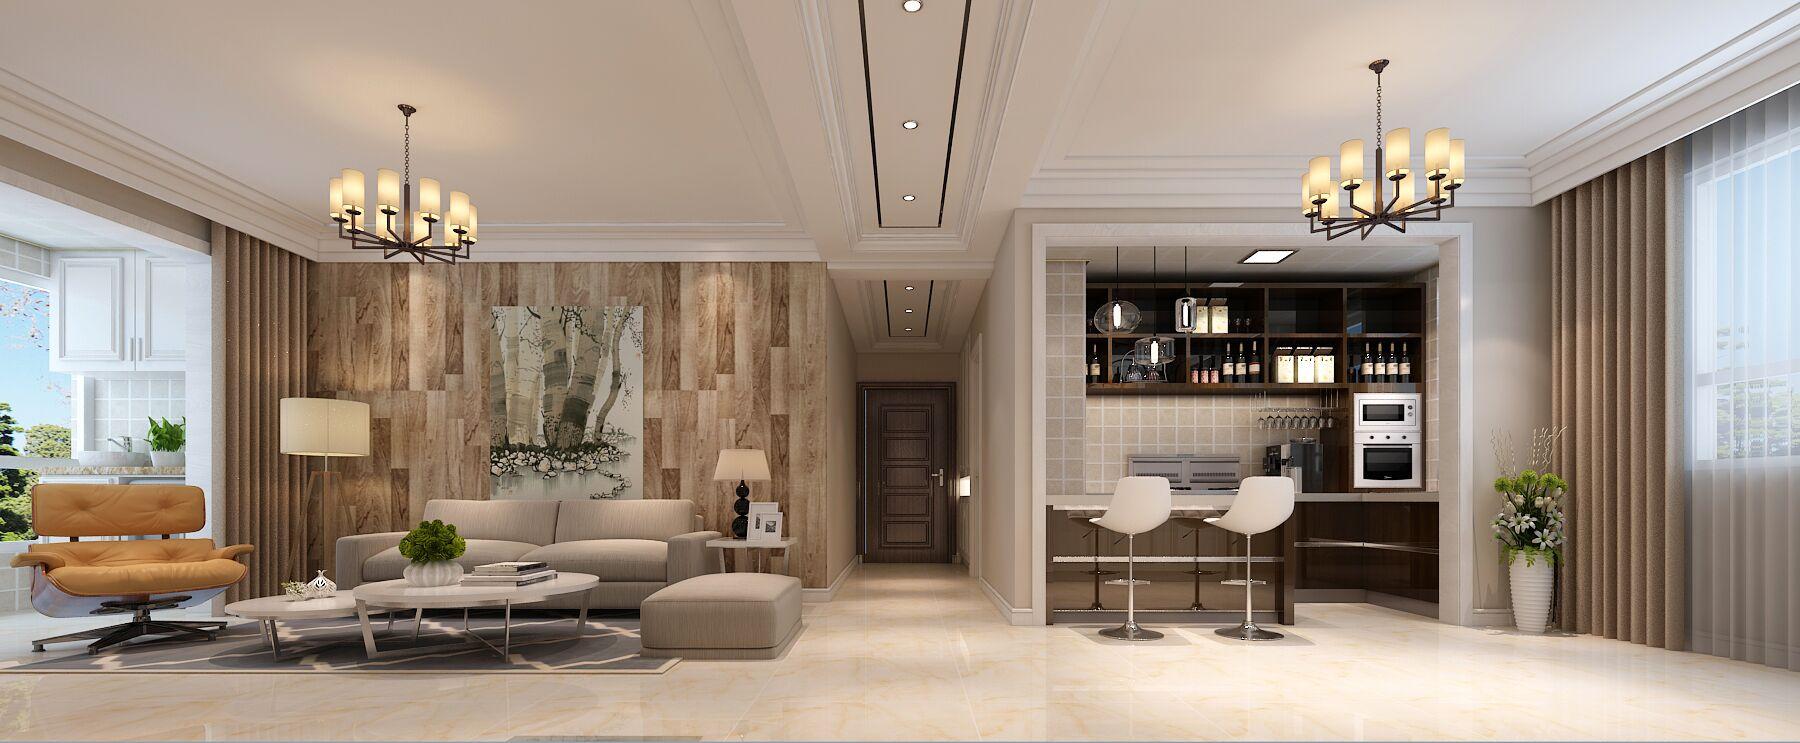 石家庄三居室房子,10万竟能装修的这么美!